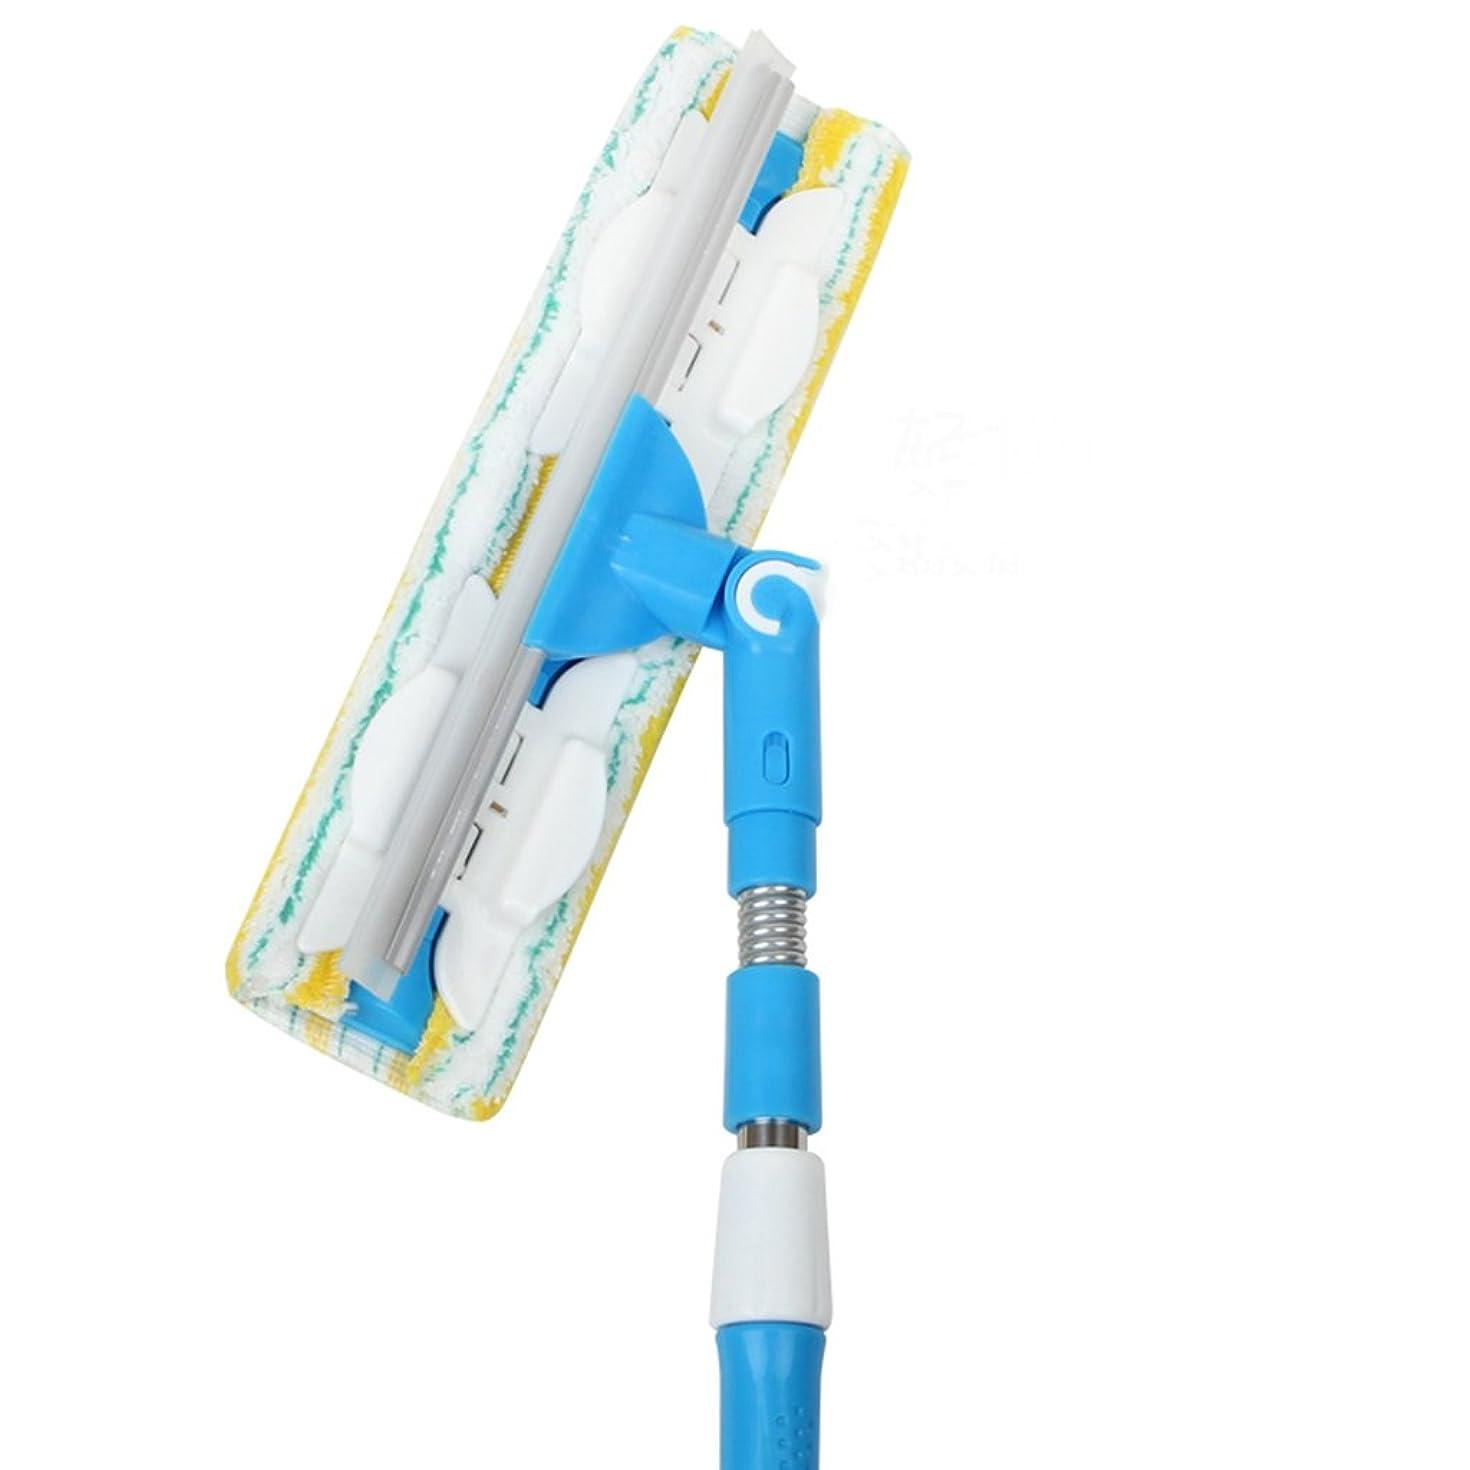 悪性祈る不条理両面ガラススキージクリーナー延長可能な引き込み可能なウィンドウスプリング設計ガラススクレーパー